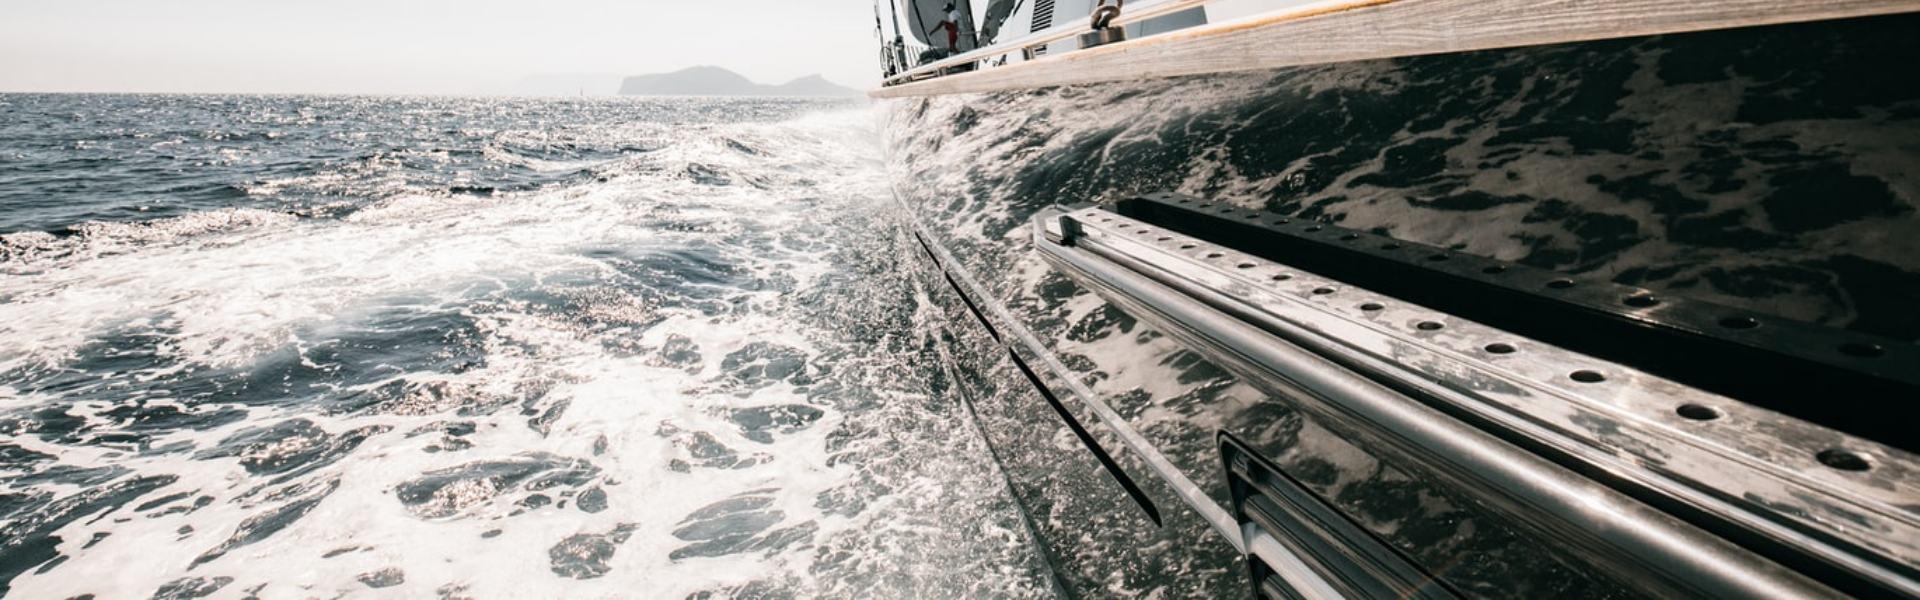 Folienwerft-Folierungen-Bootsfolierung-Yachtfolierung-Schiffsforlierung-Flensburg 12